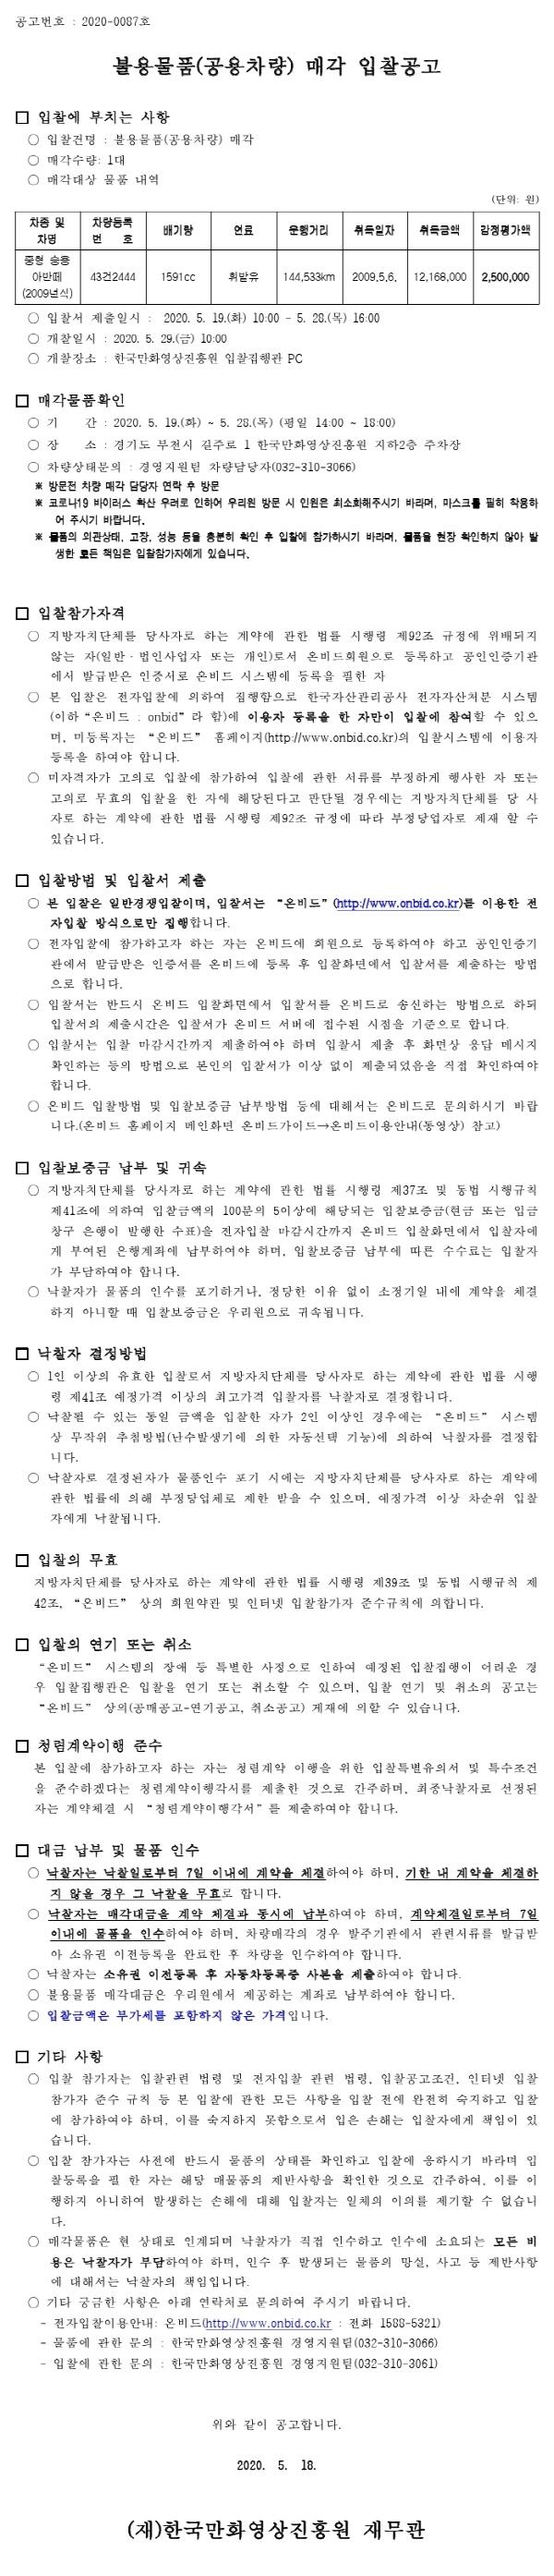 크기변환_불용물품(공용차량) 매각 전자입찰 공고.pdf_page_1.jpg